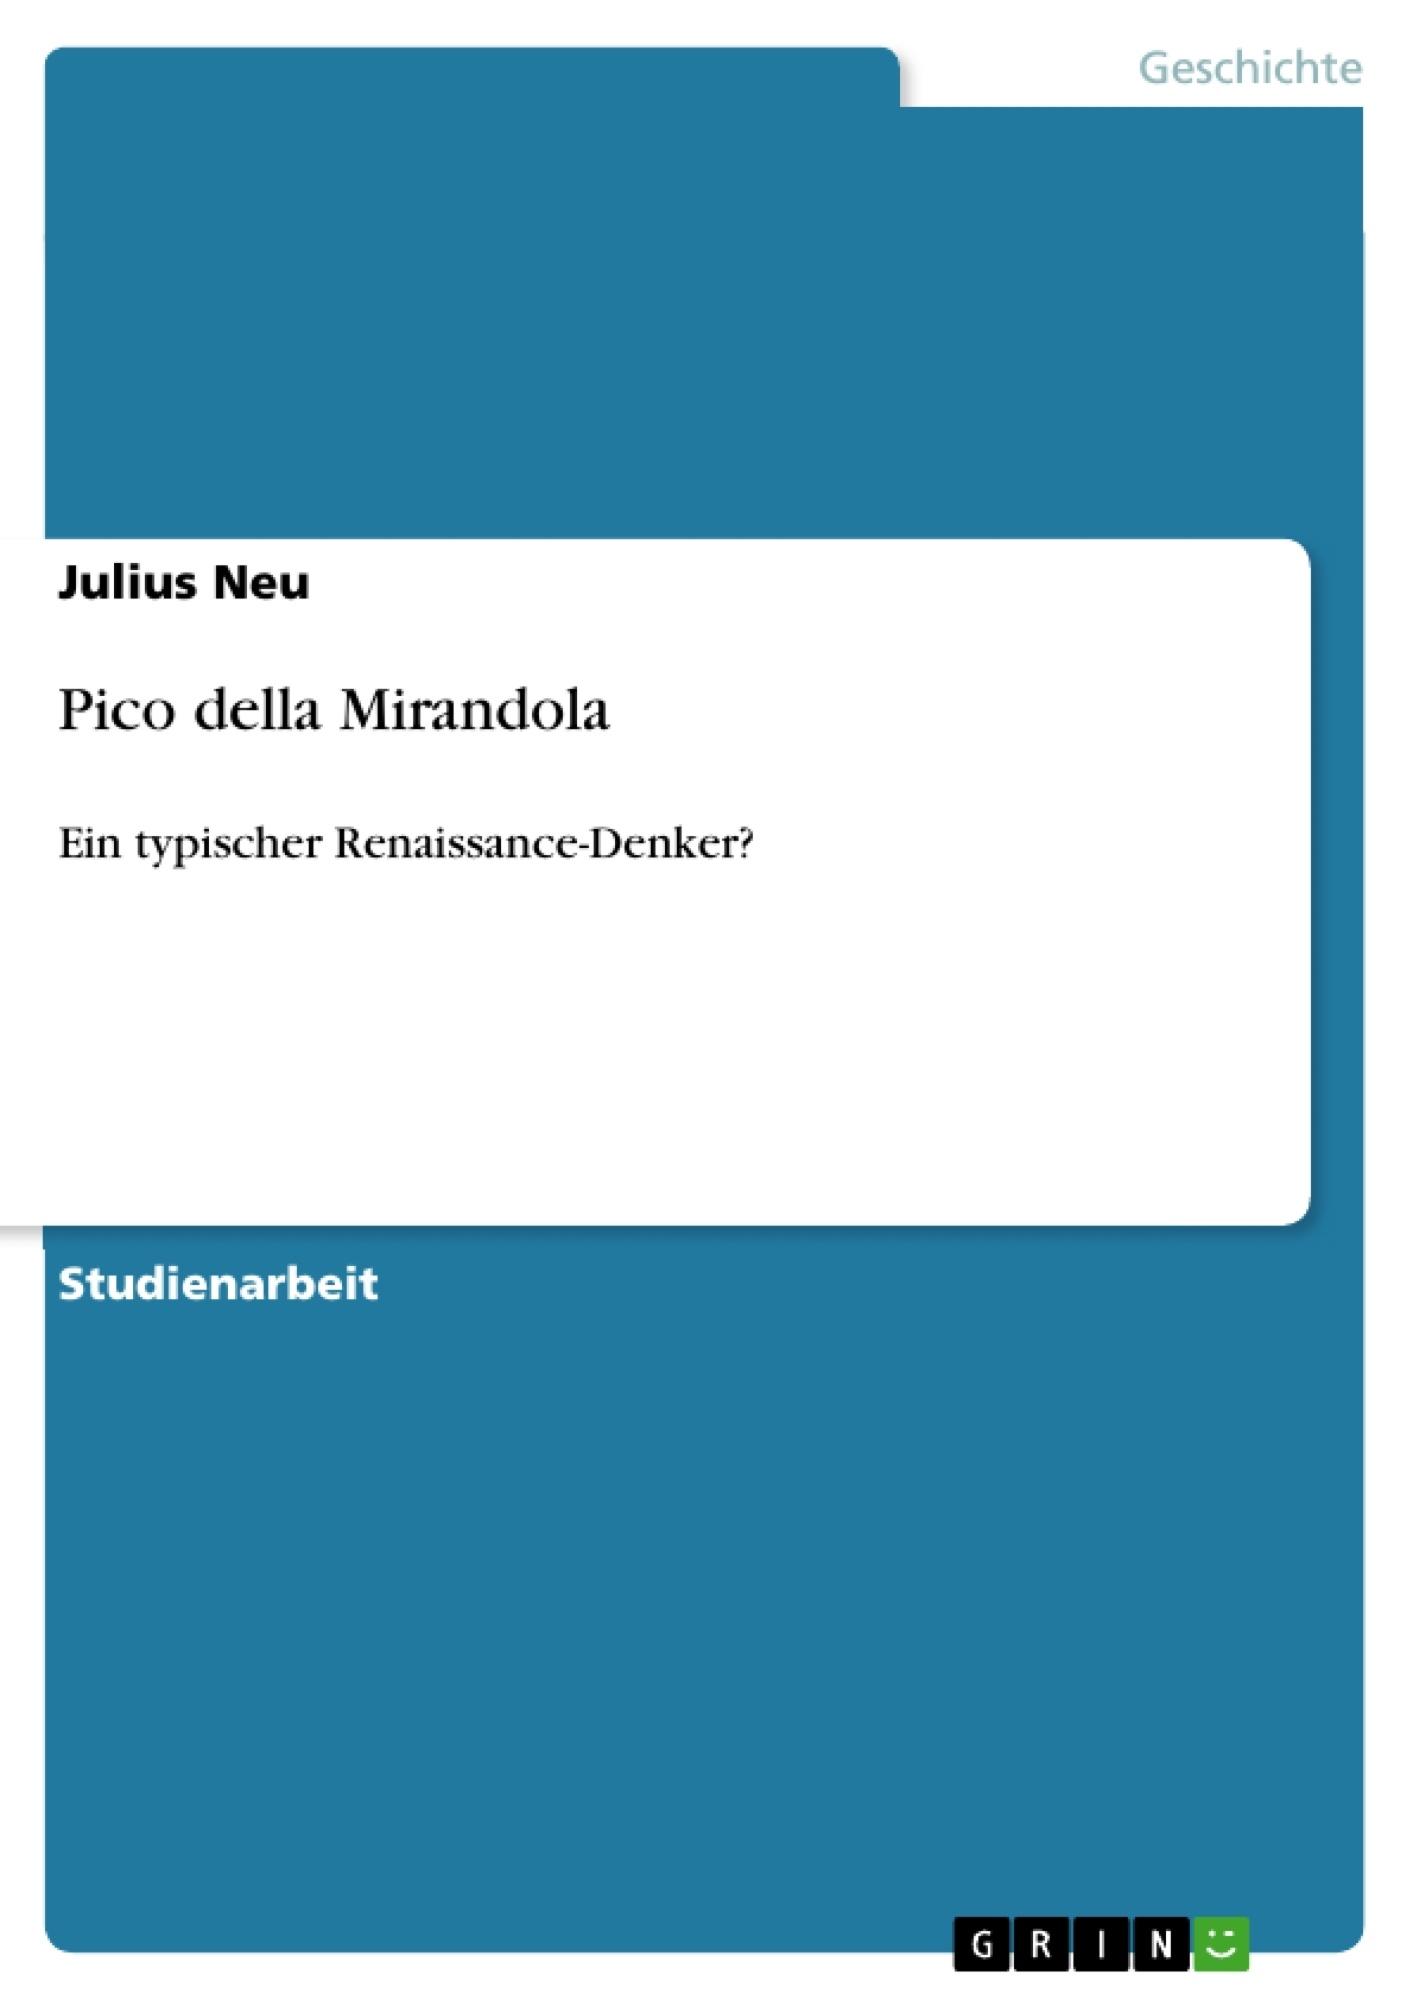 Titel: Pico della Mirandola